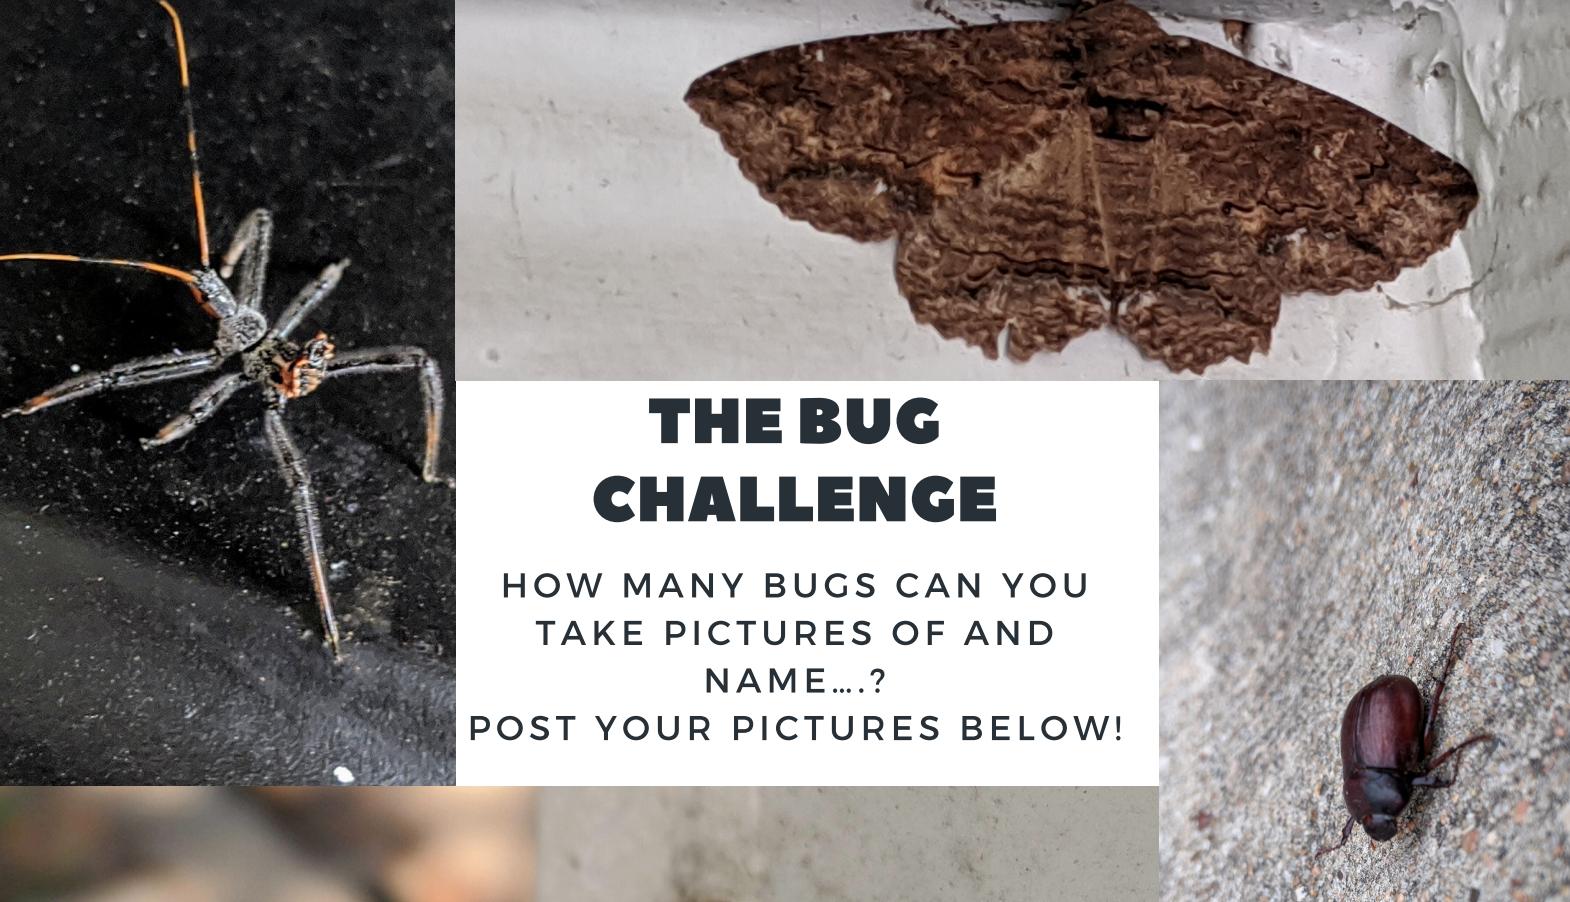 The Bug Challenge